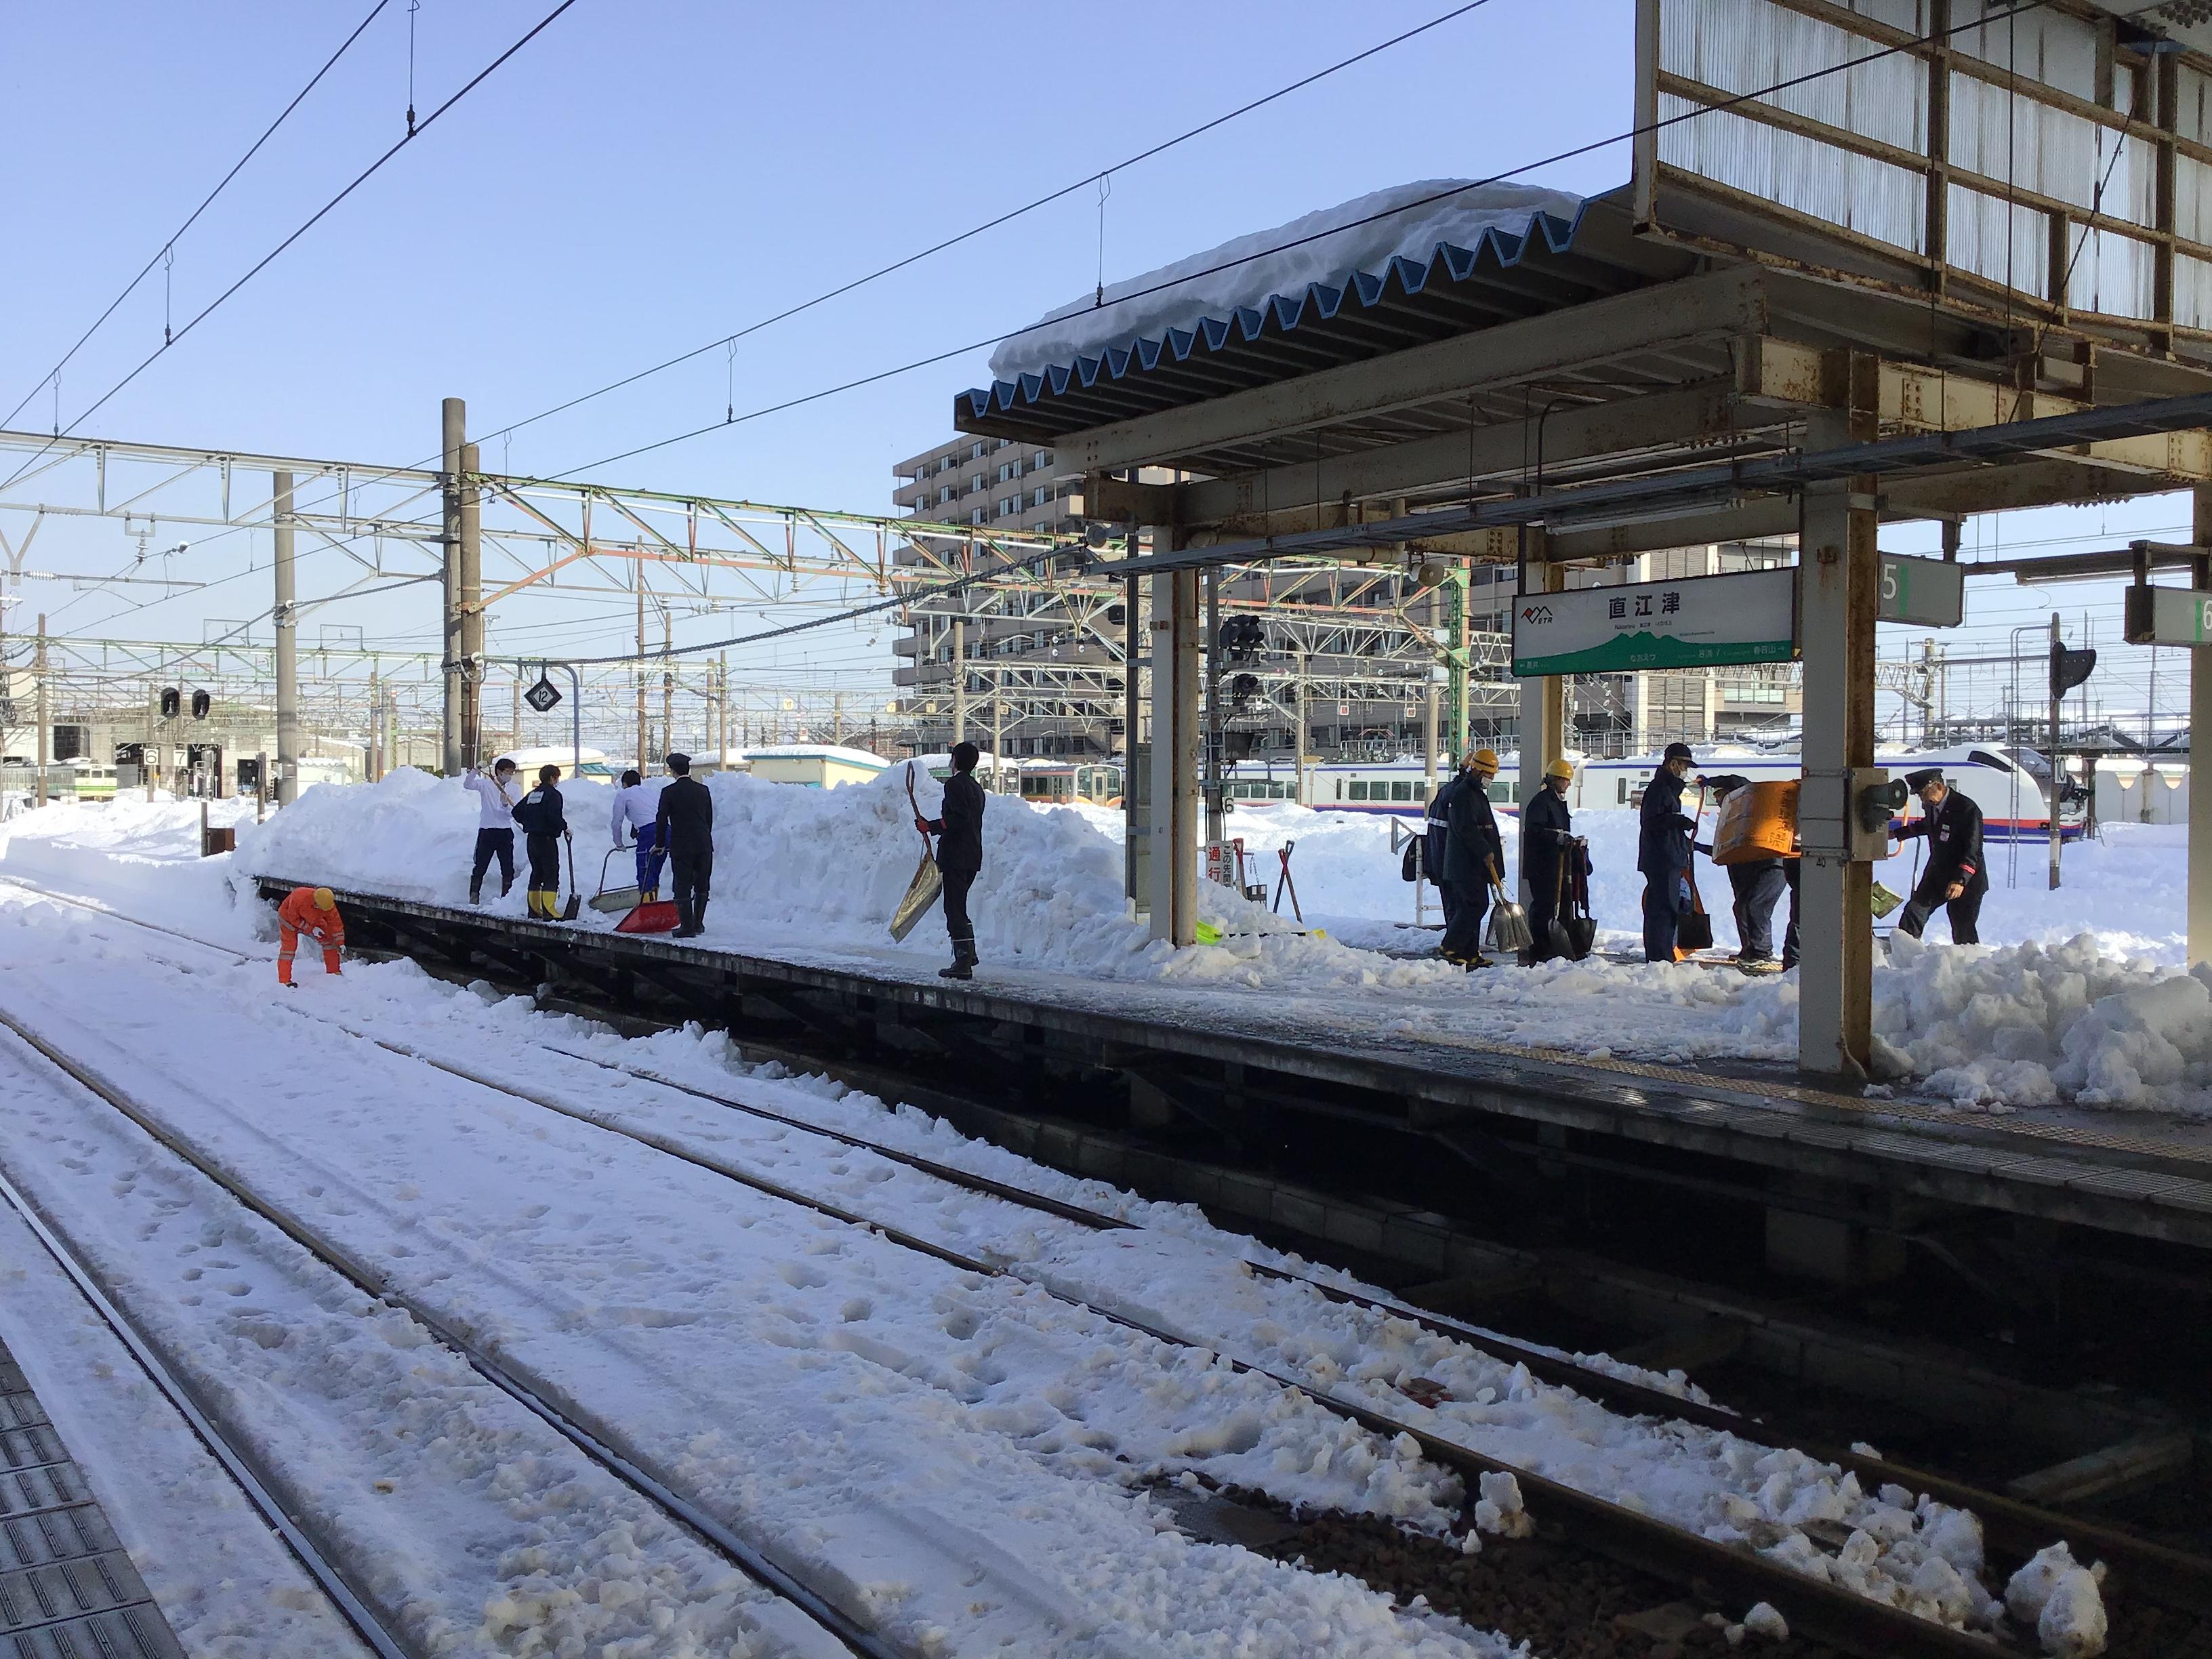 明日1月16日 始発から両線とも平常運転再開です。